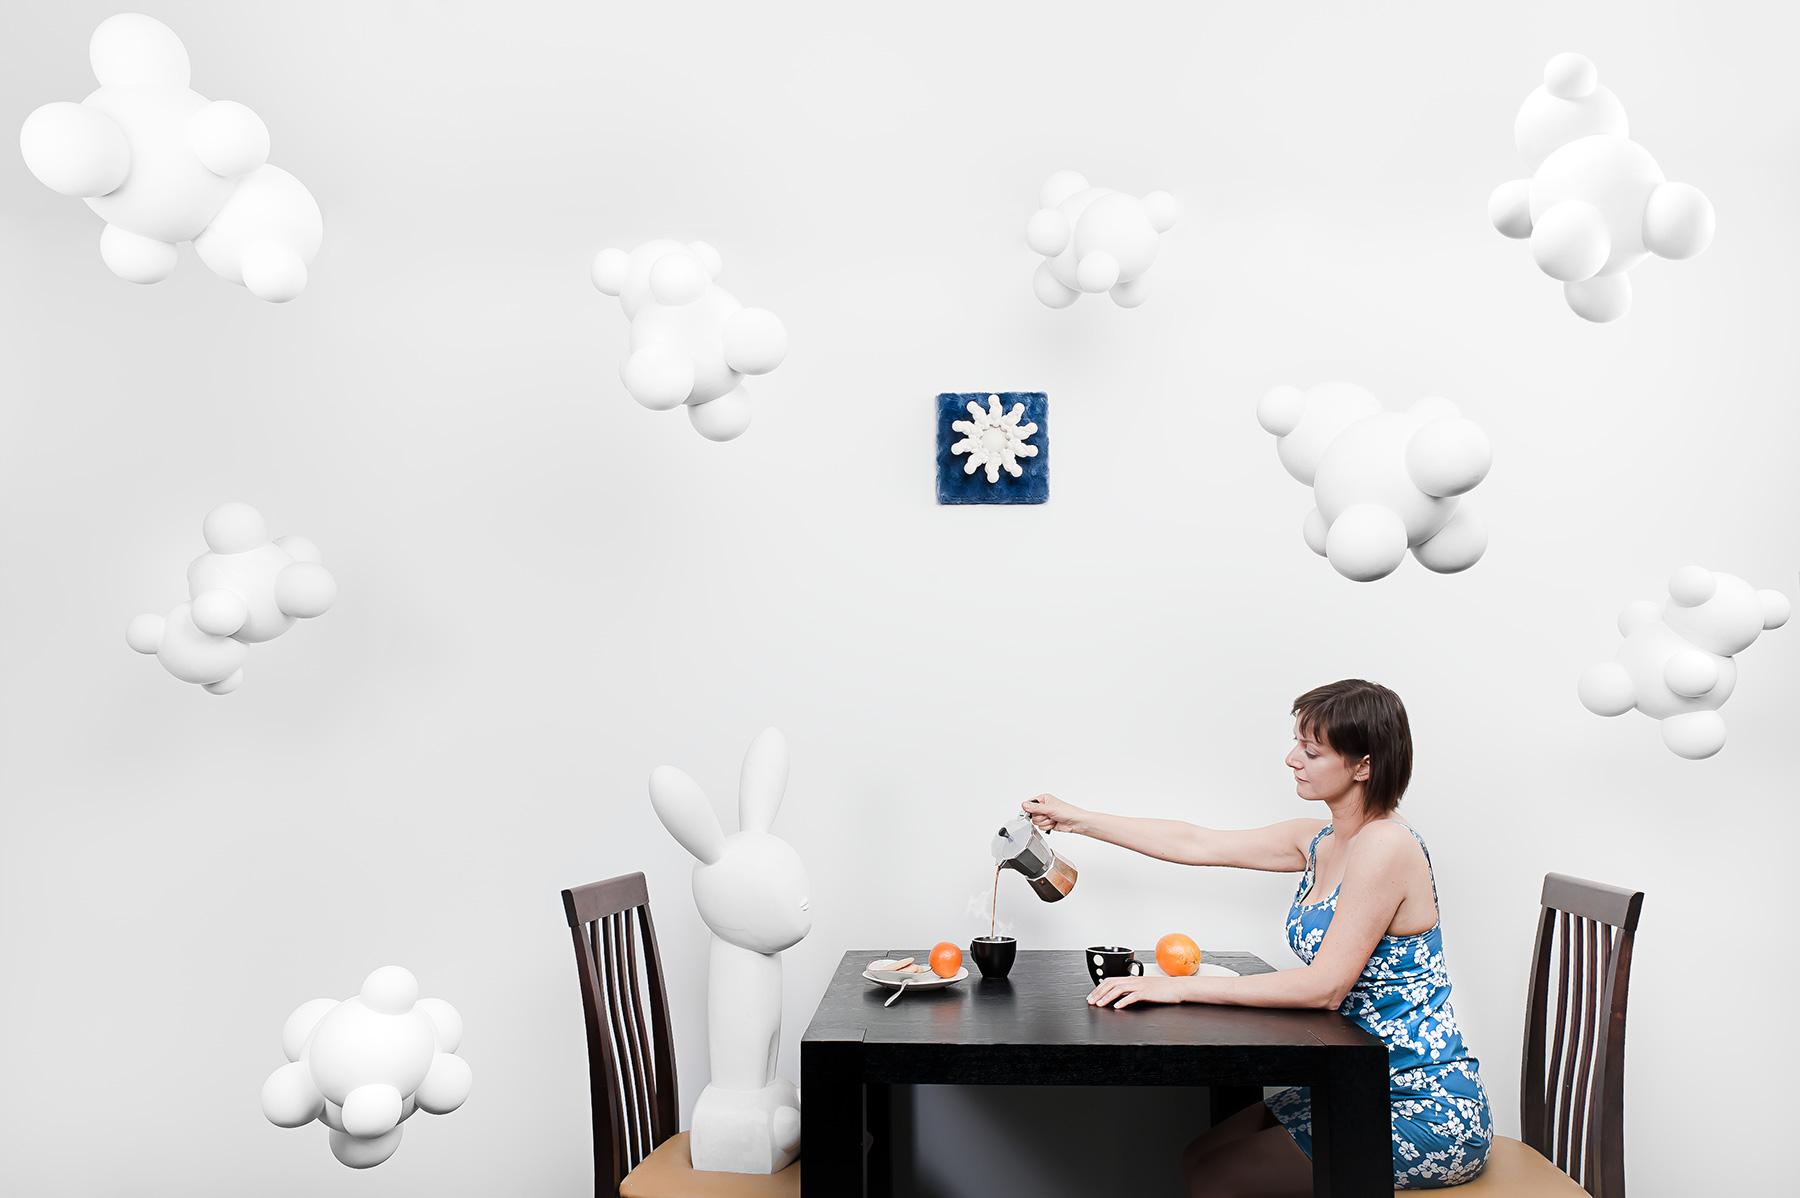 Anya Gusakova and Teddy Bear Molecule, Vancouver, BC, Canada